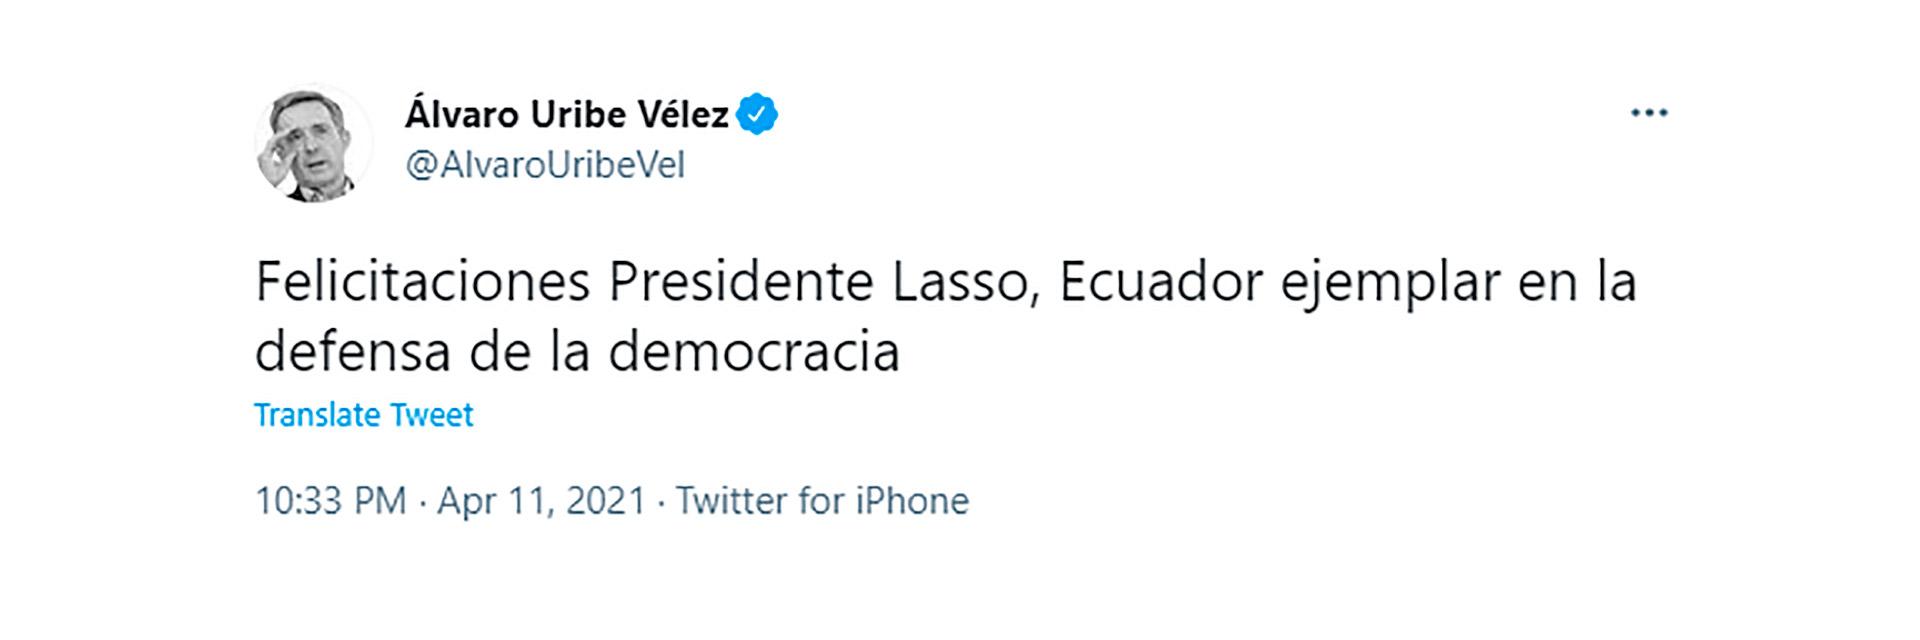 Alvaro Uribe, también saludó a Lasso